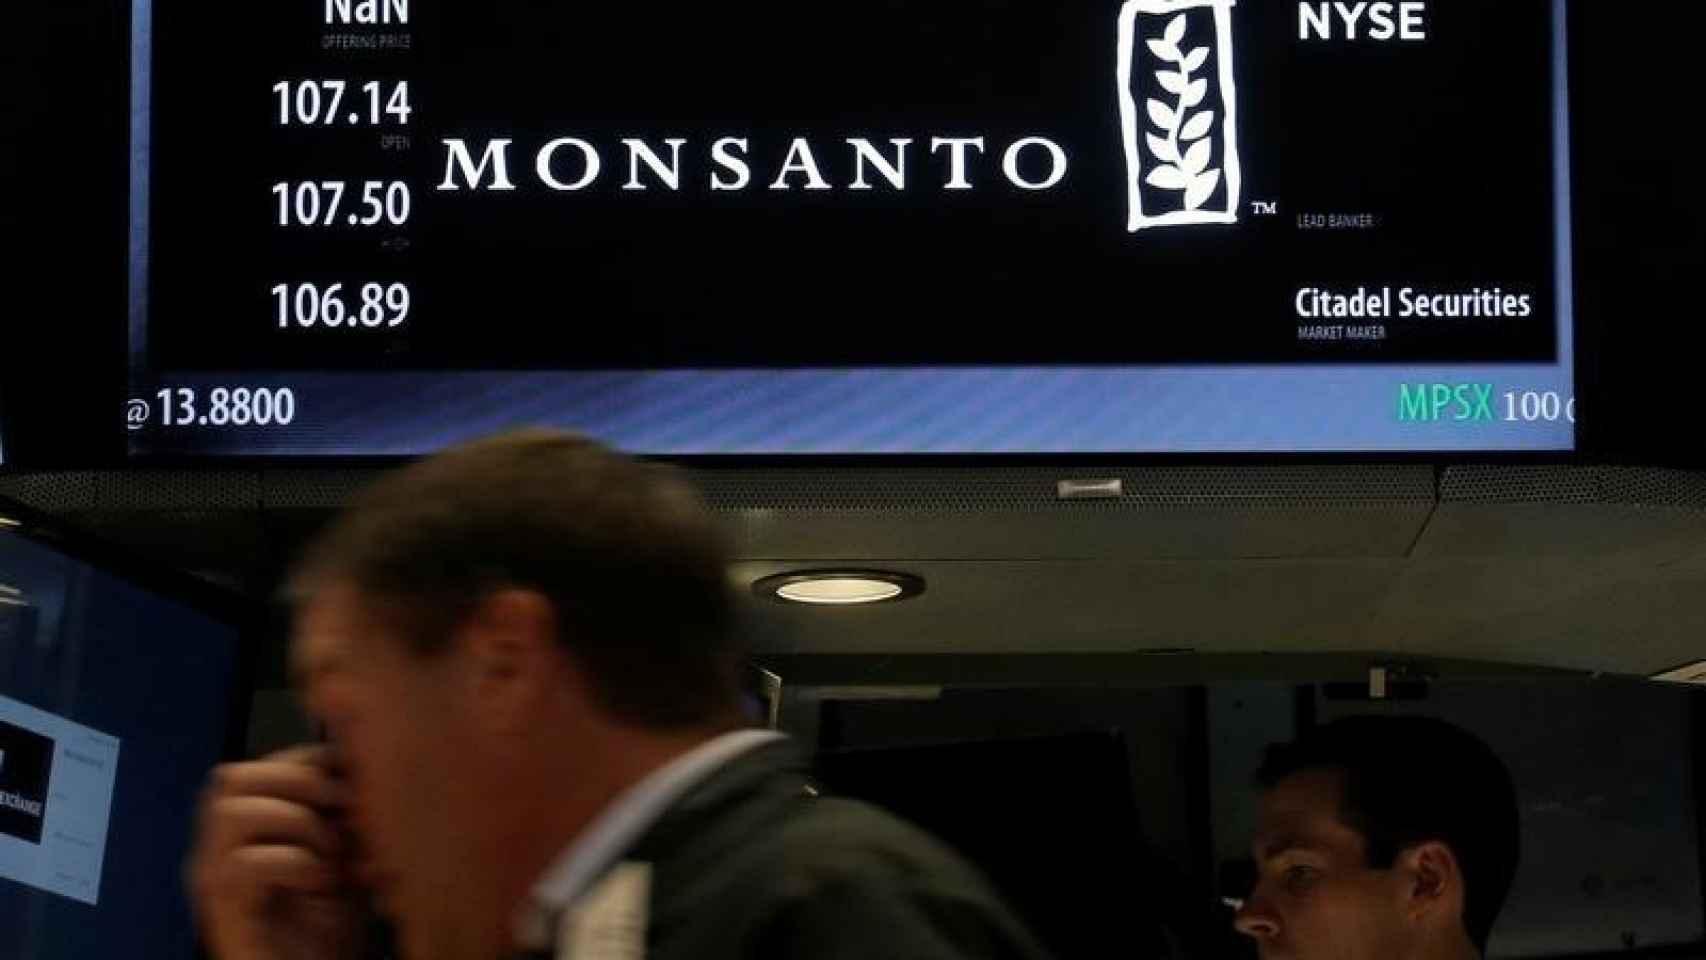 El logo de Monsanto en el New York Stock Exchange.